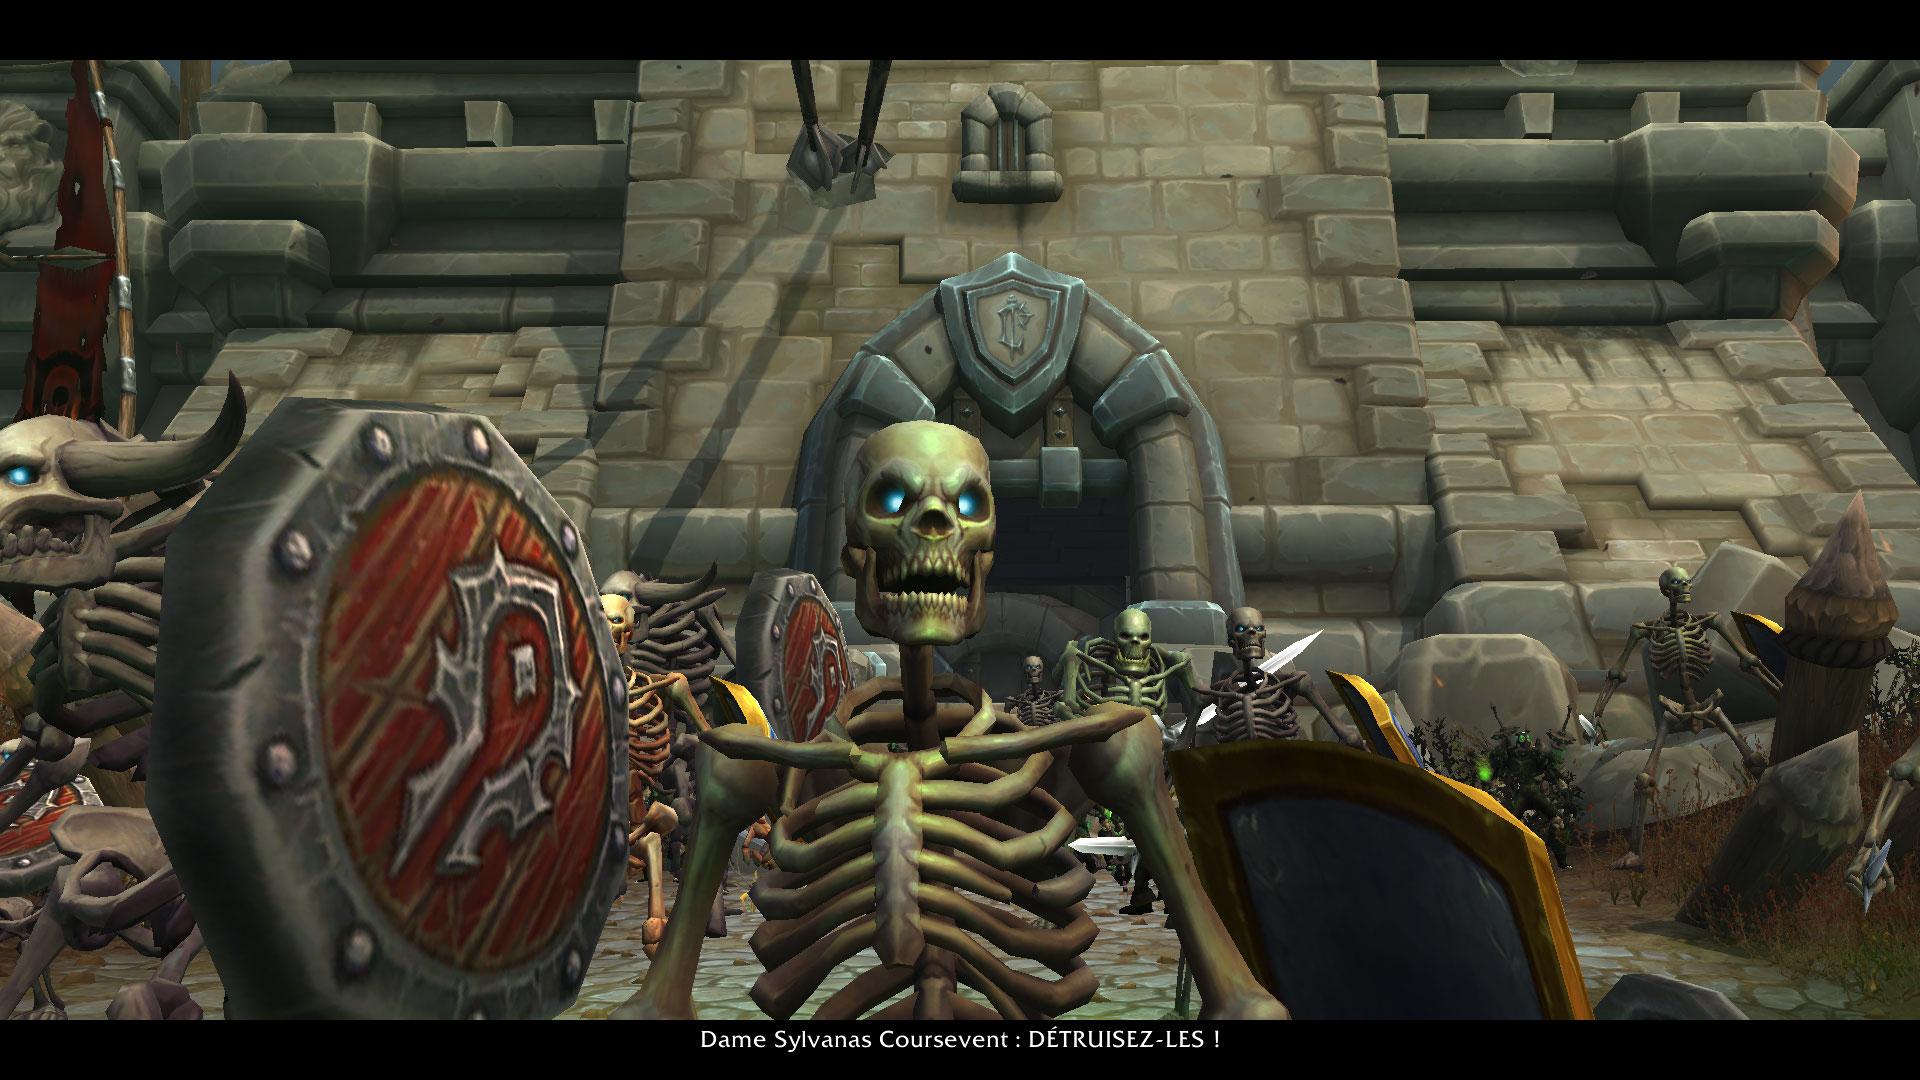 Bataille de Lordaeron - Extrait de cutscene